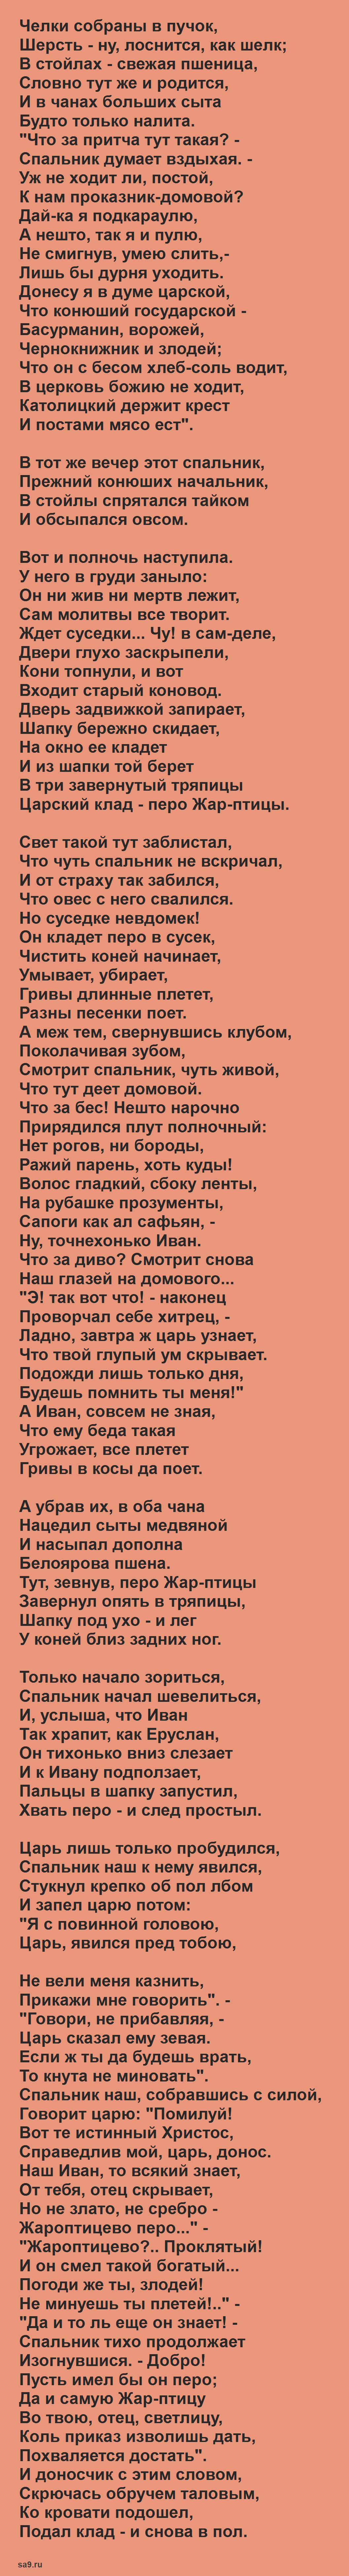 Ершов сказка 'Конек-Горбунок'